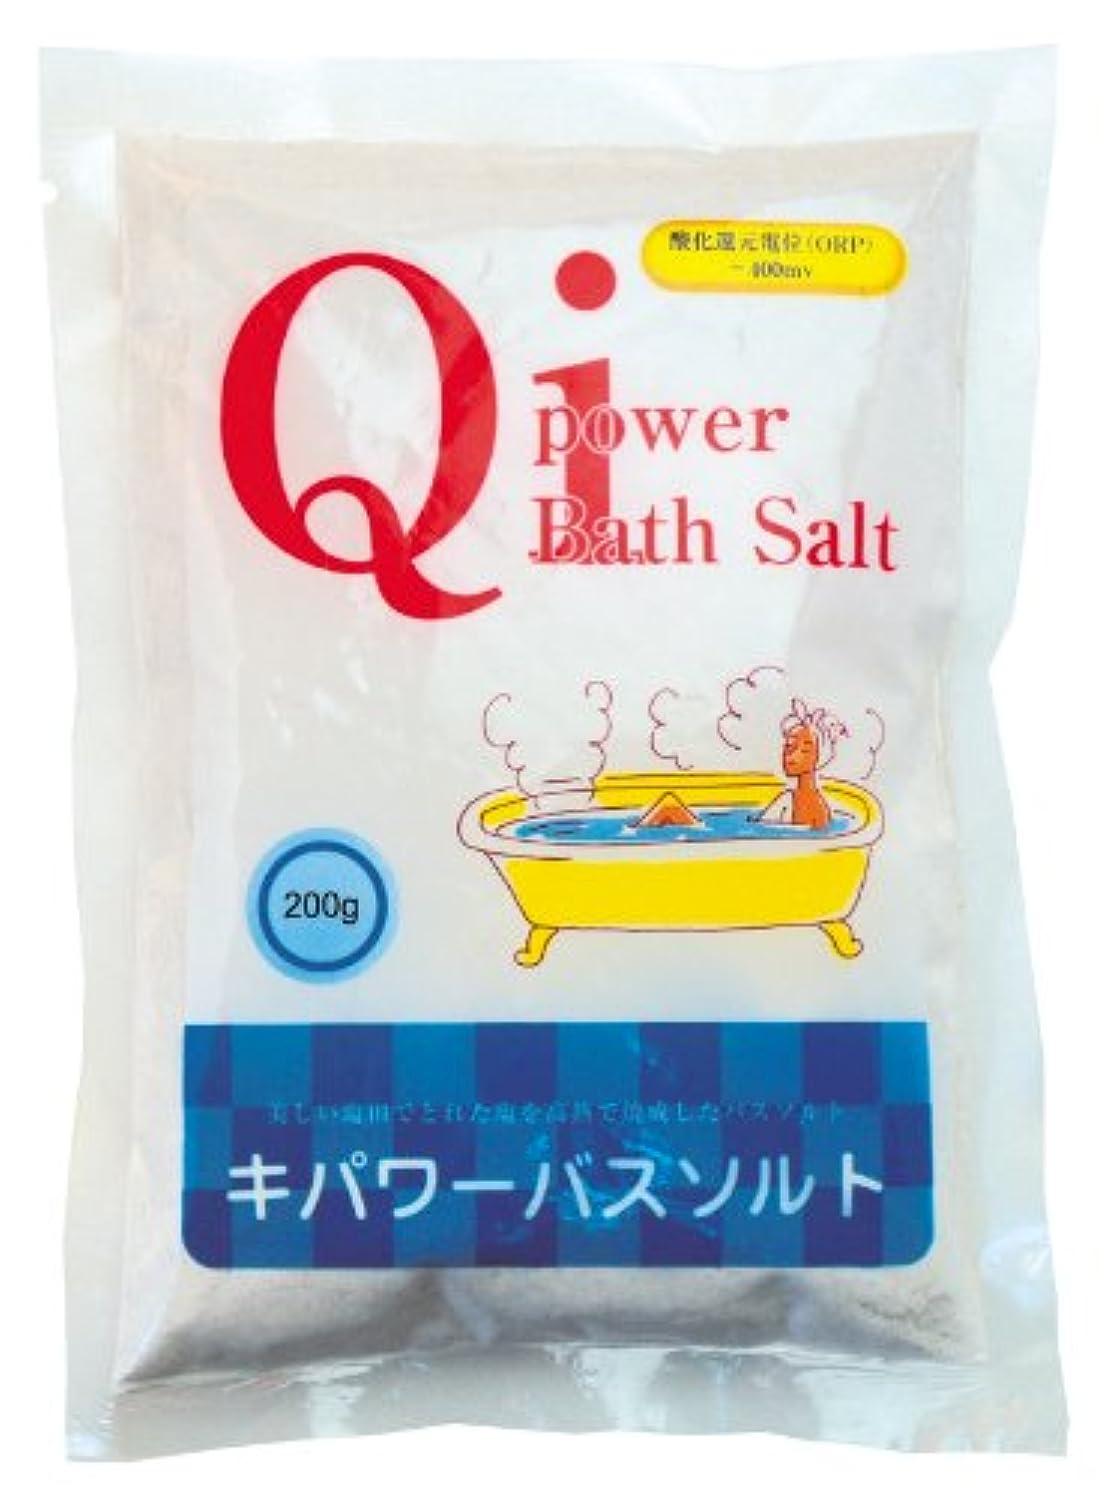 交換可能暴君吐き出すキパワー 天日塩を独自高温焼成 キパワーバスソルト 200g 12セット